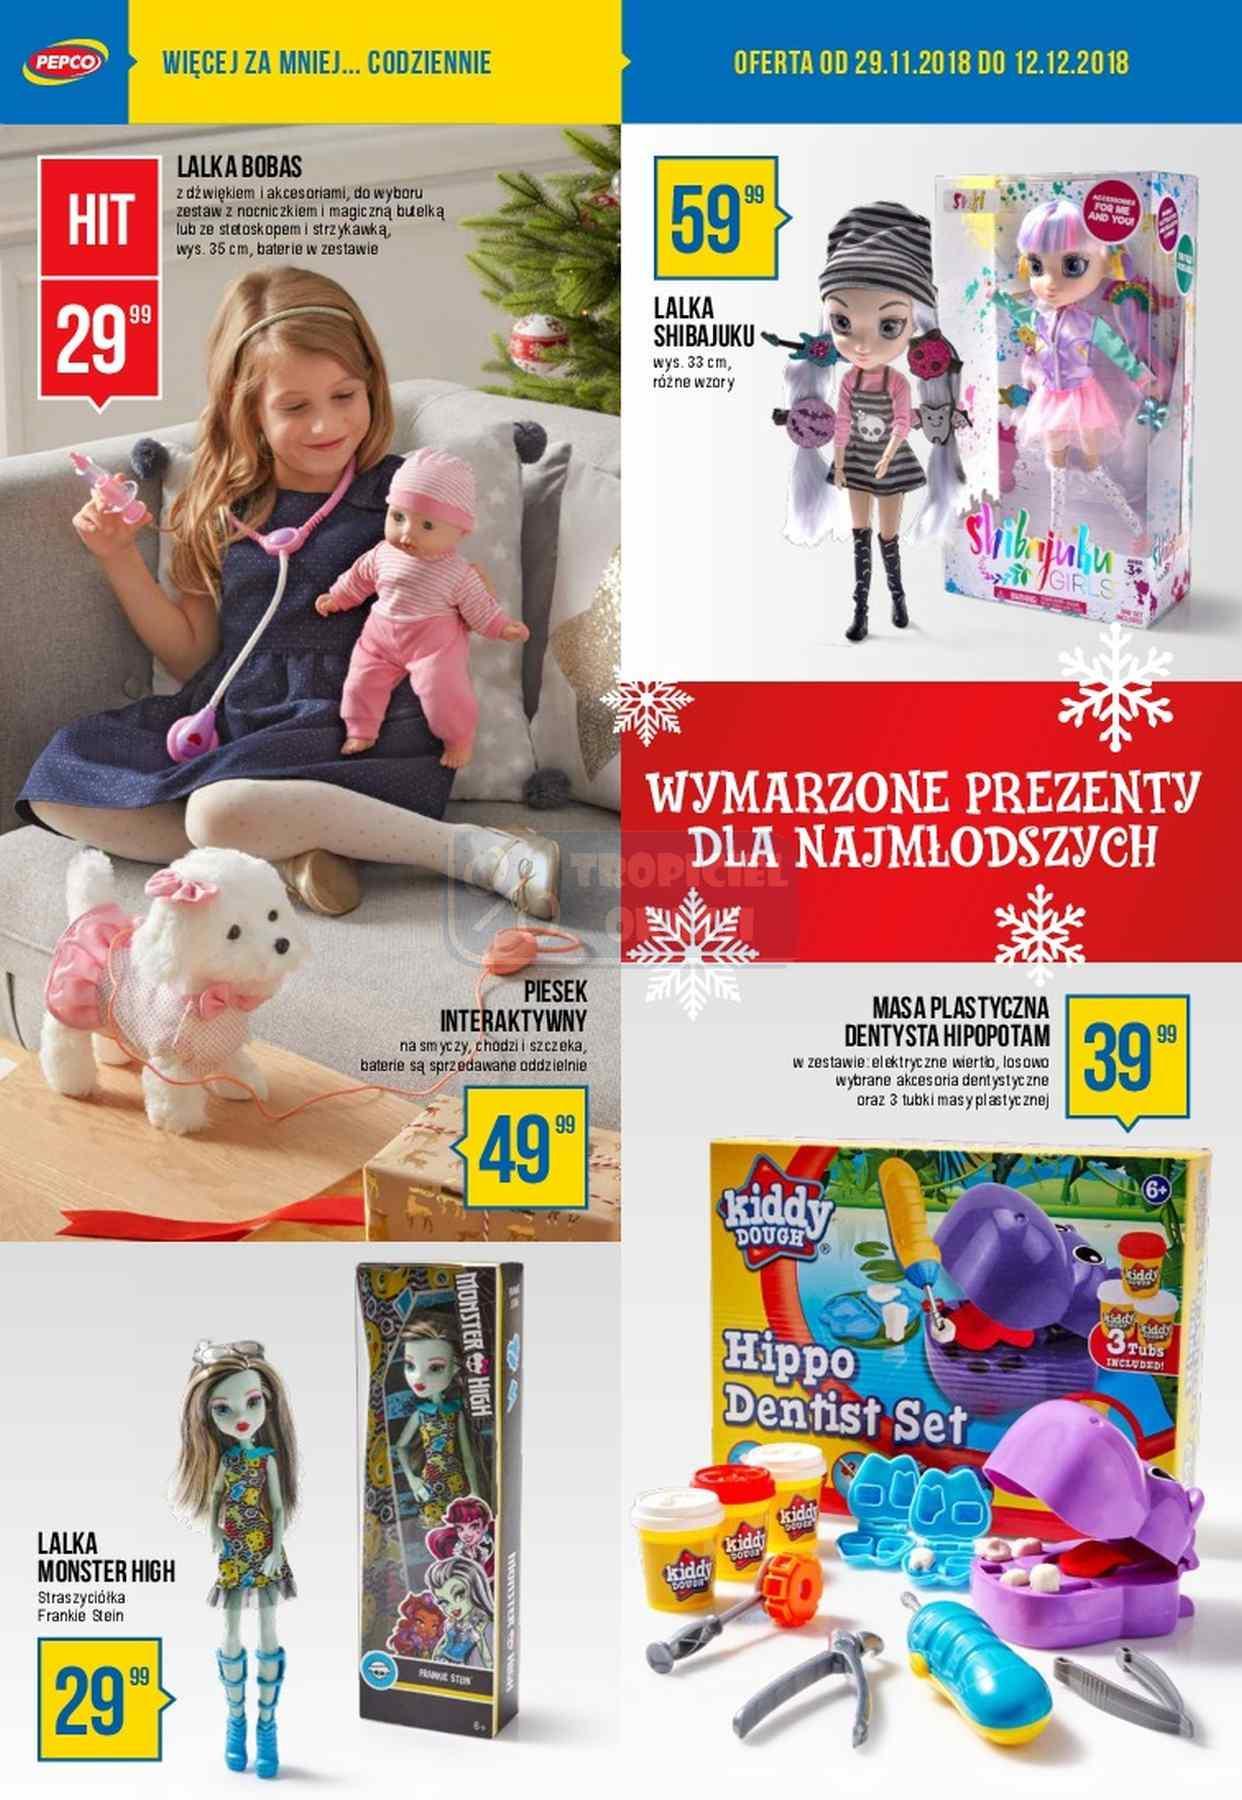 Gazetka promocyjna Pepco do 12/12/2018 str.1